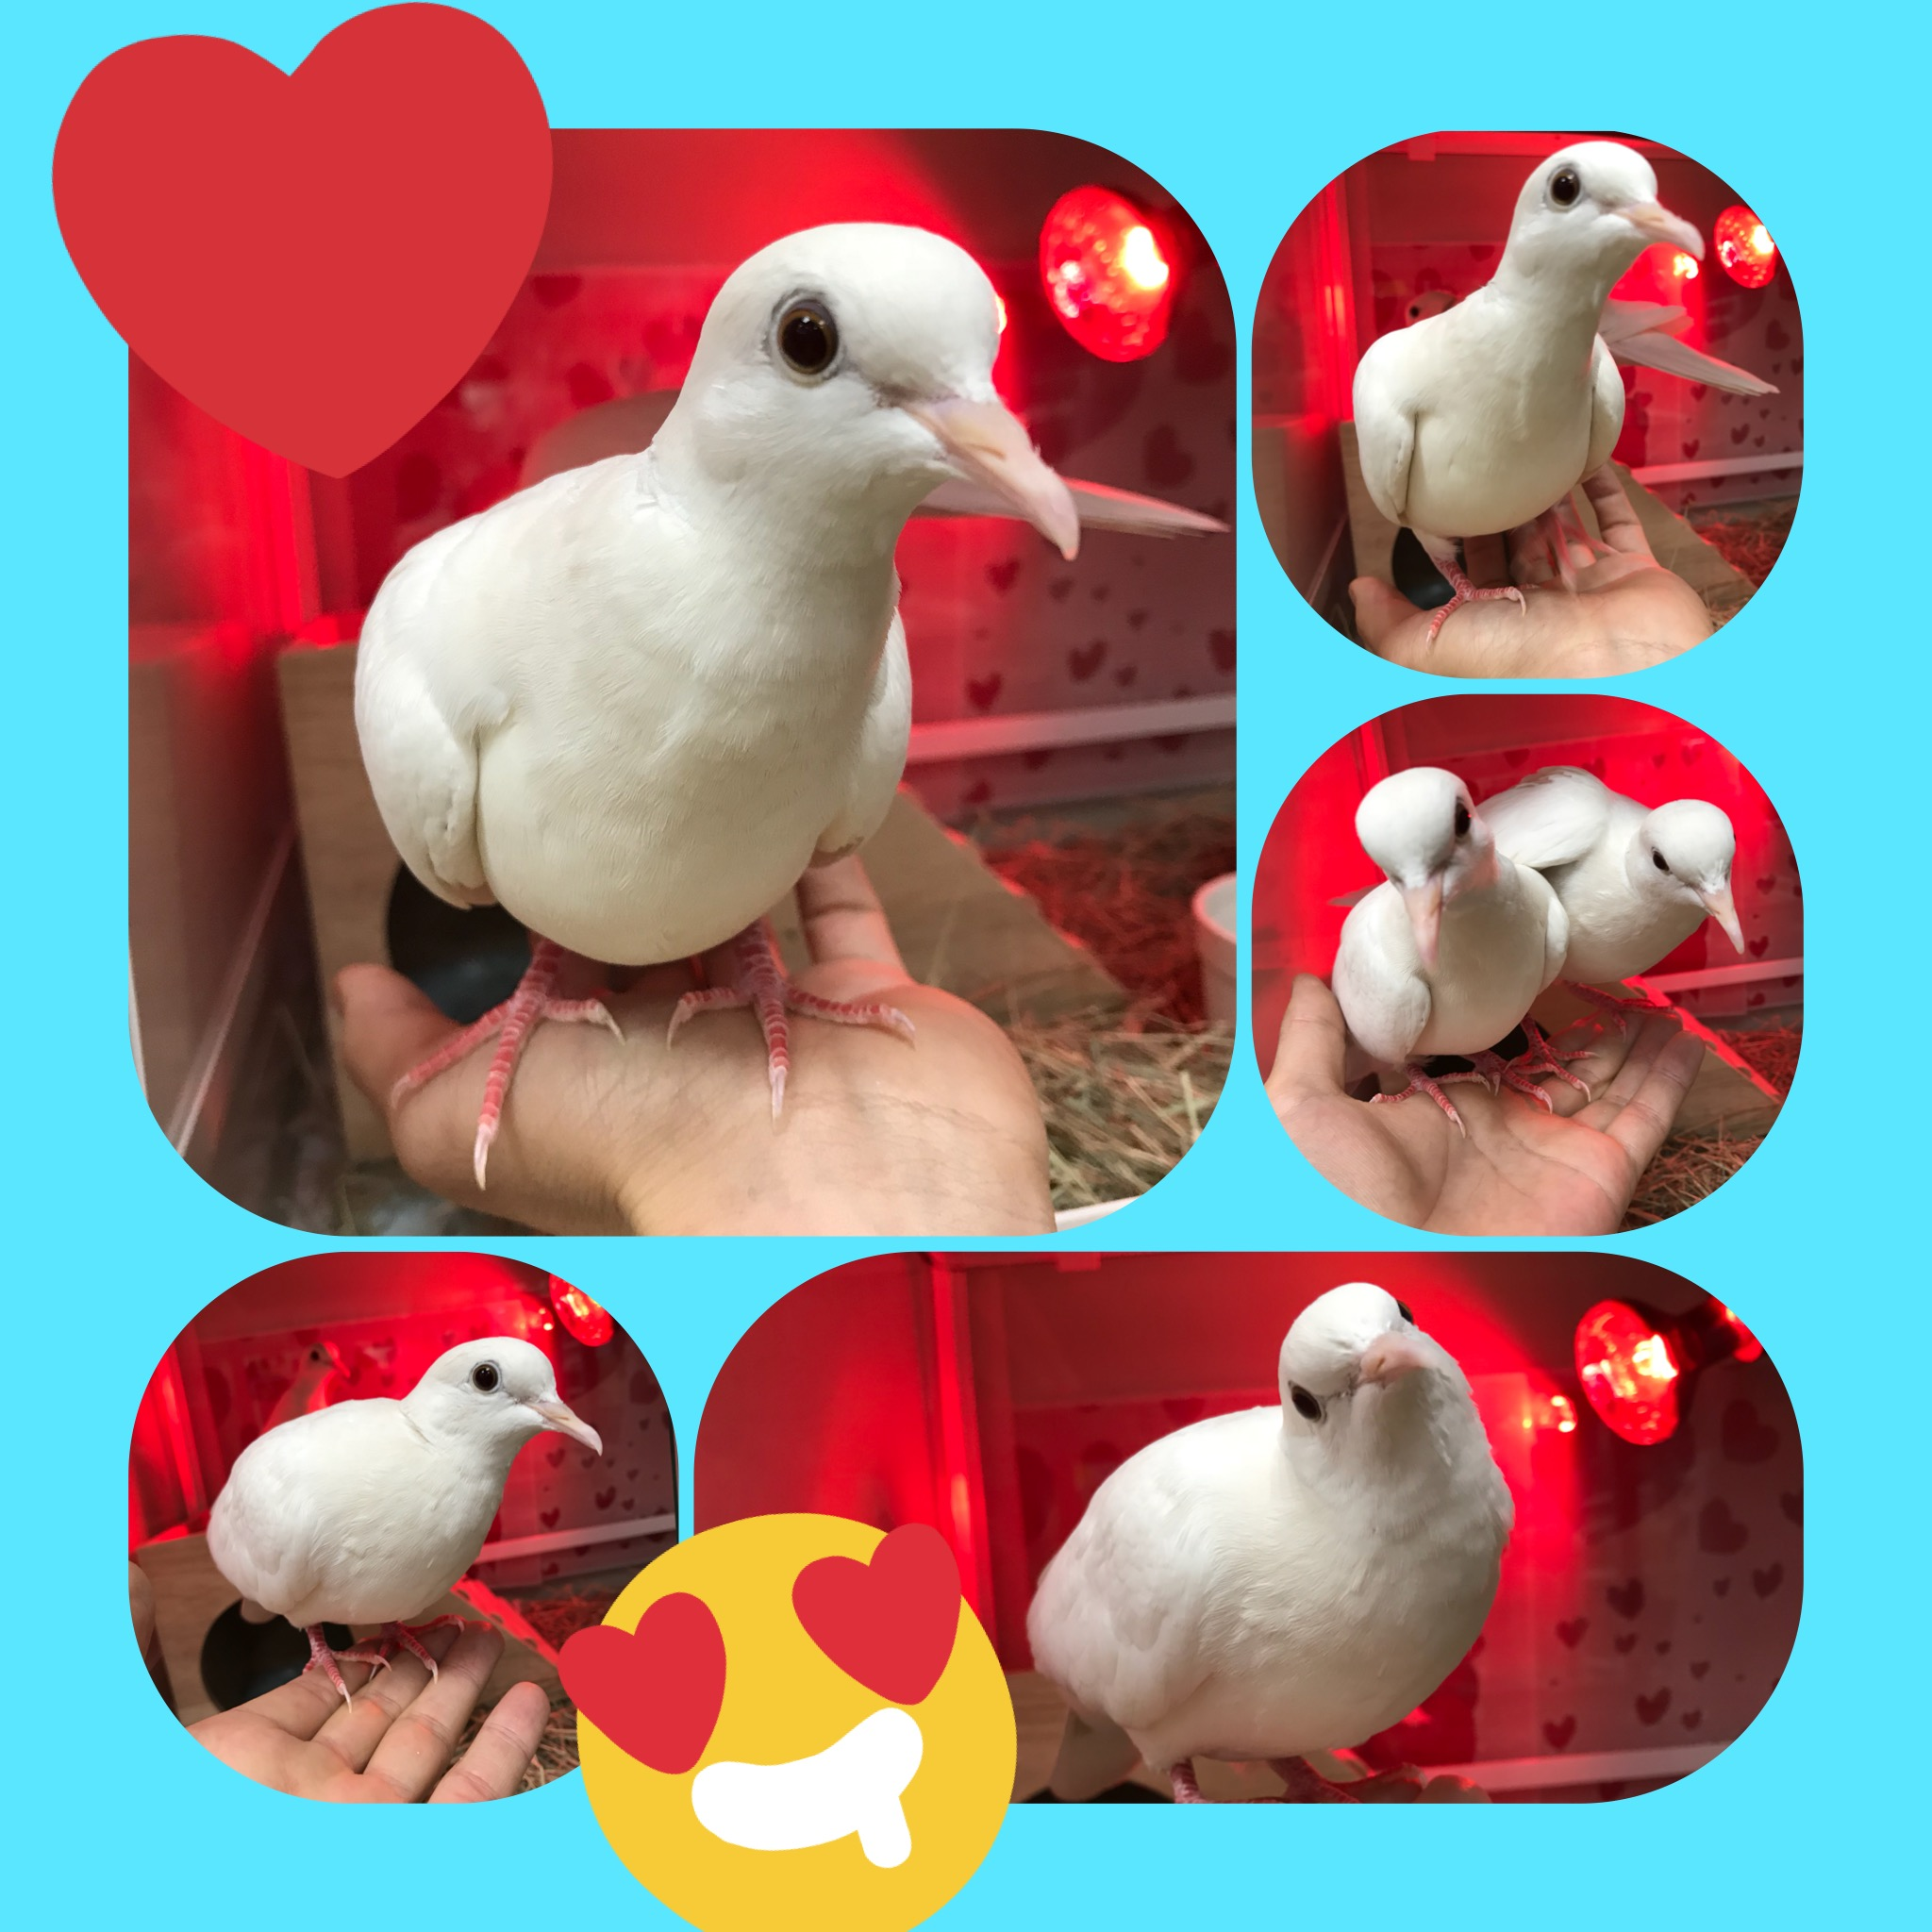 【インター小動物】ぽっぽっぽー鳩いっぱーい♪( *´艸`)